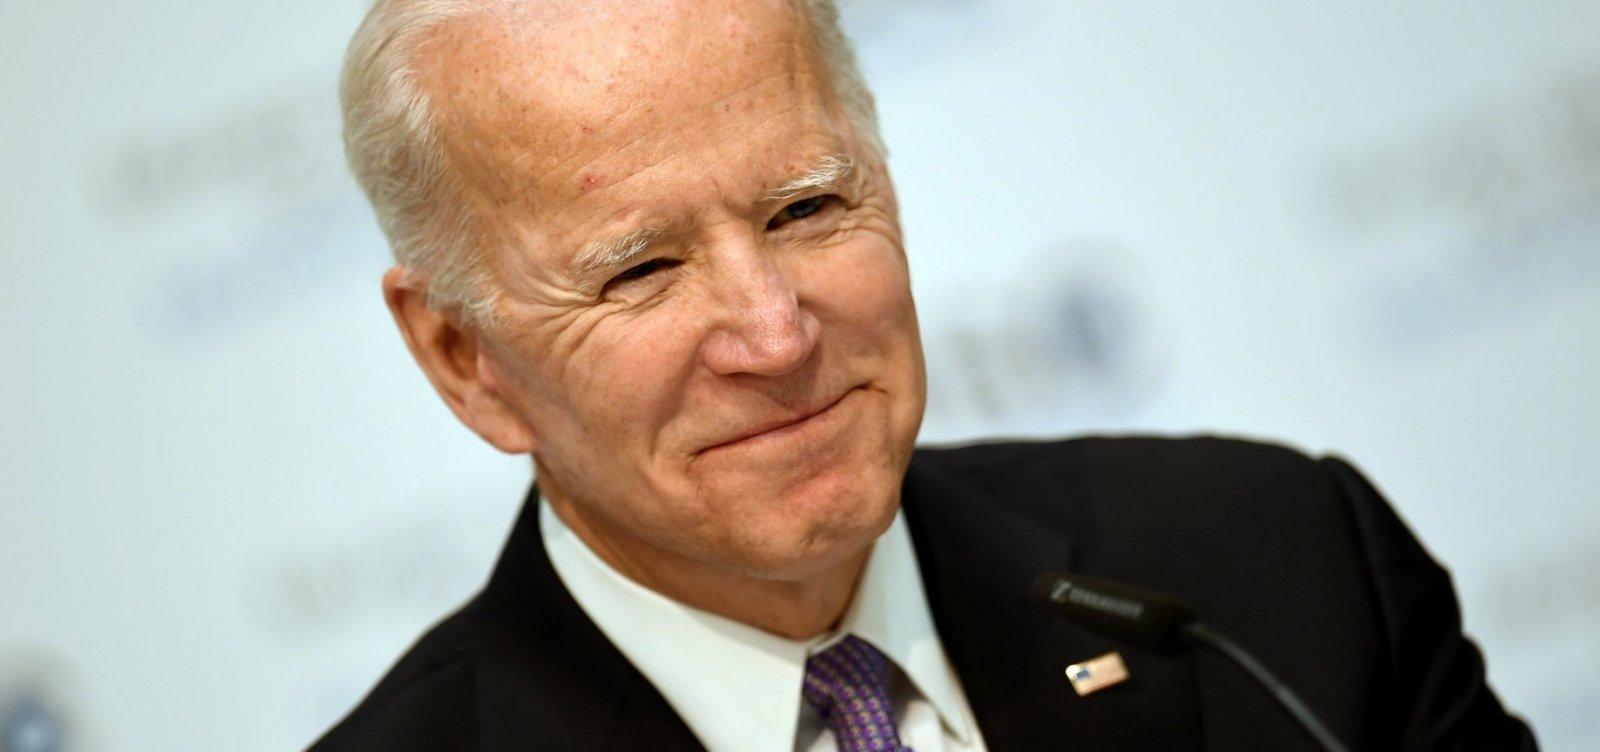 Congresso dos EUA confirma vitória de Joe Biden nas eleições para a Presidência do país